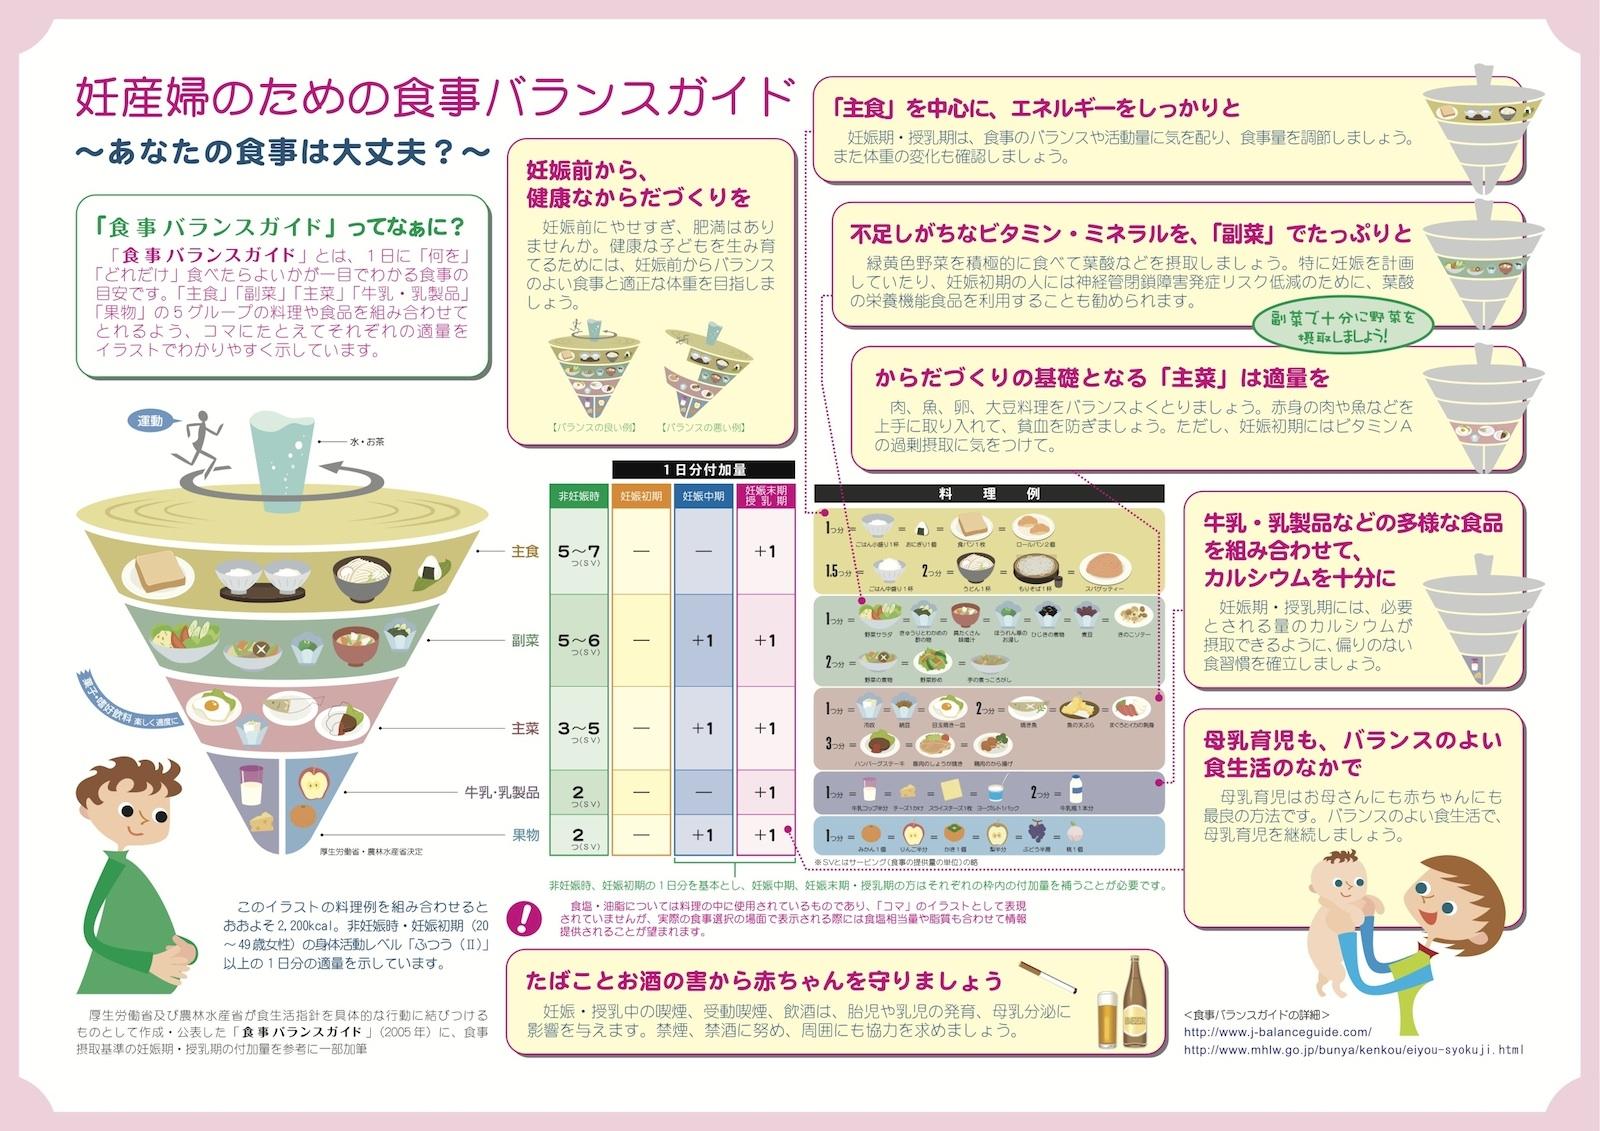 妊産婦のための食事バランスガイド